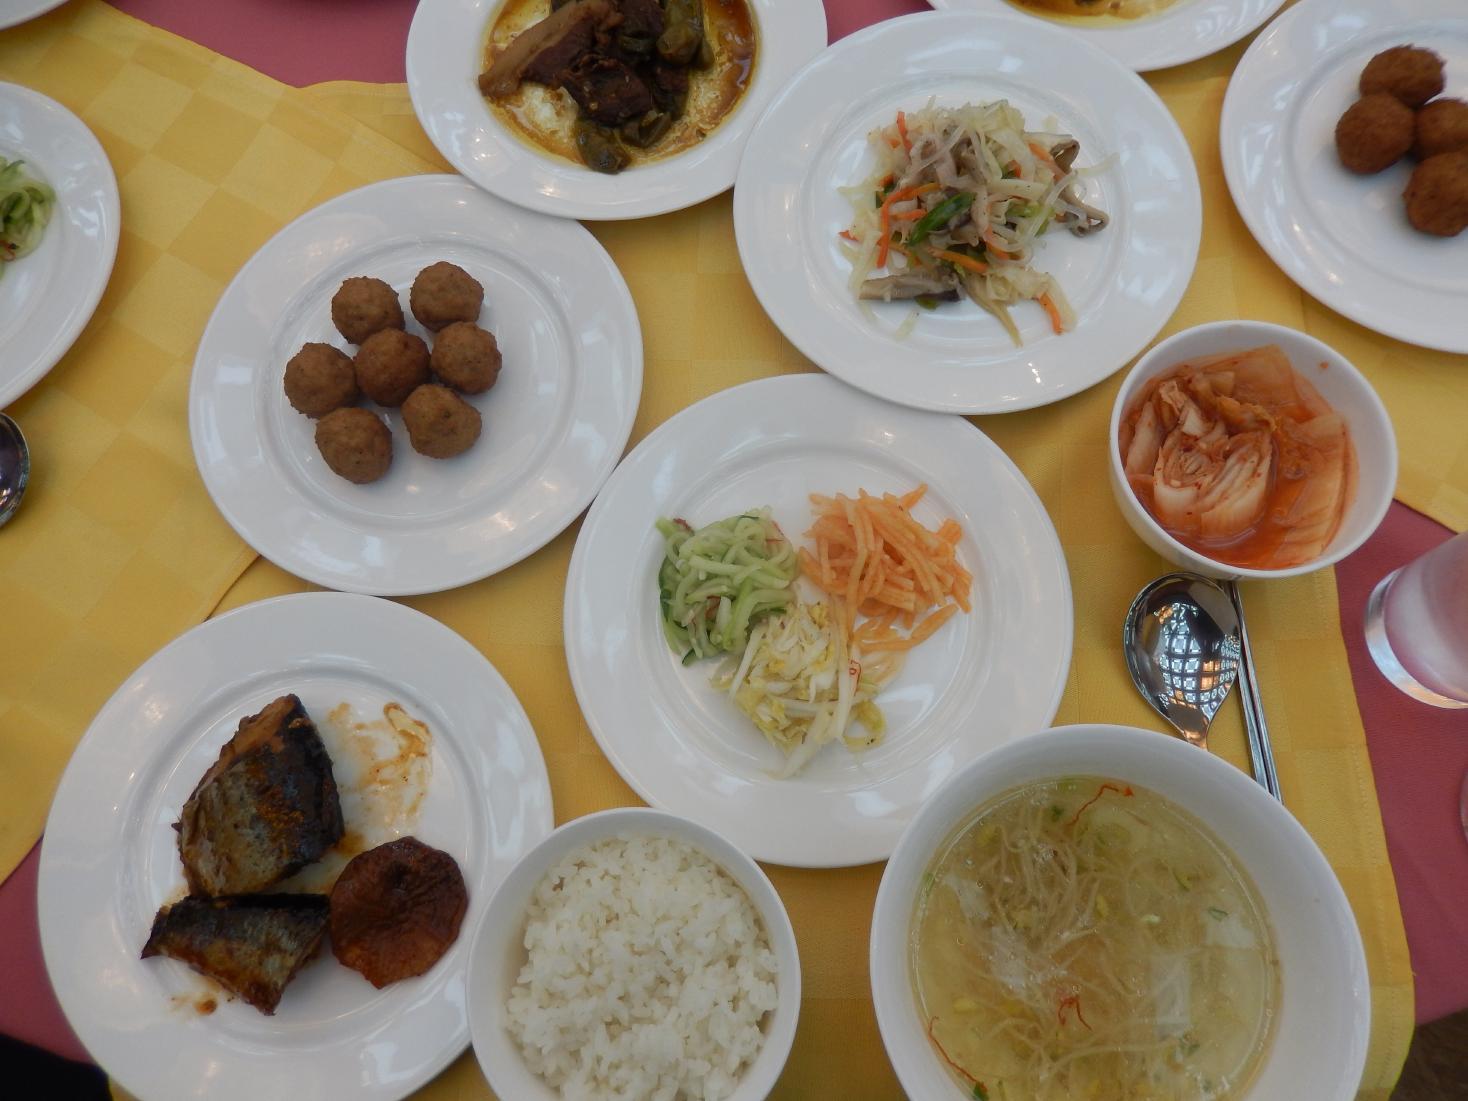 2013年版 北朝鮮のグルメ~5泊6日食事14回のすべて【後編】_b0235153_0194415.jpg